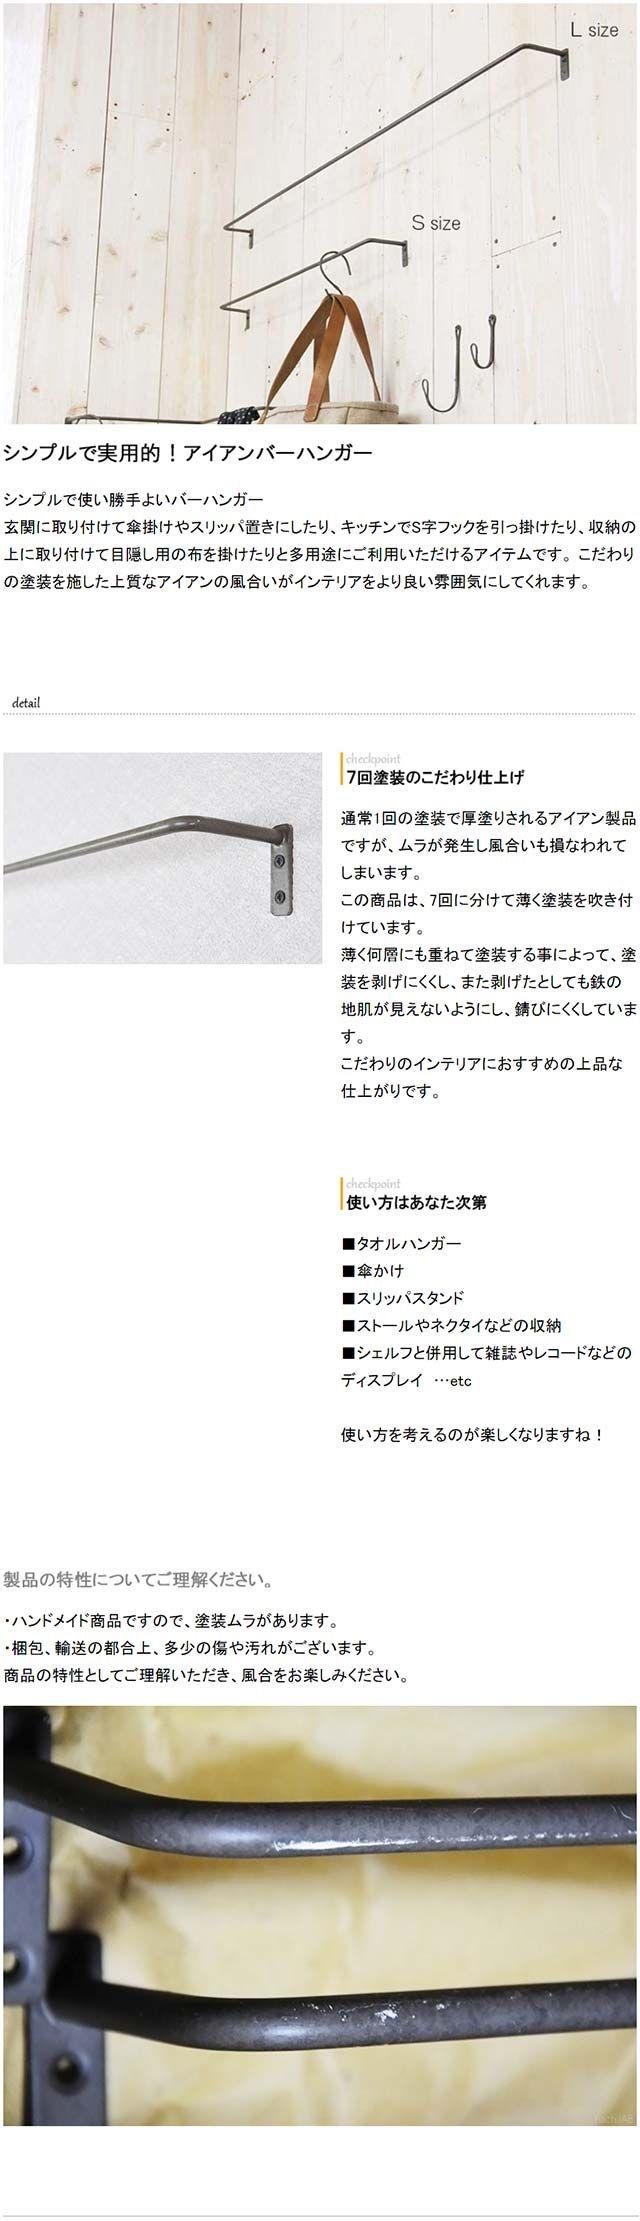 アイアン製 アンティーク風 シンプル おしゃれ 通販 人気。アイアンバー アイアン タオルハンガー Sサイズ/バスタオル掛け タオルレール タオルバー ラック シンプル 壁 什器